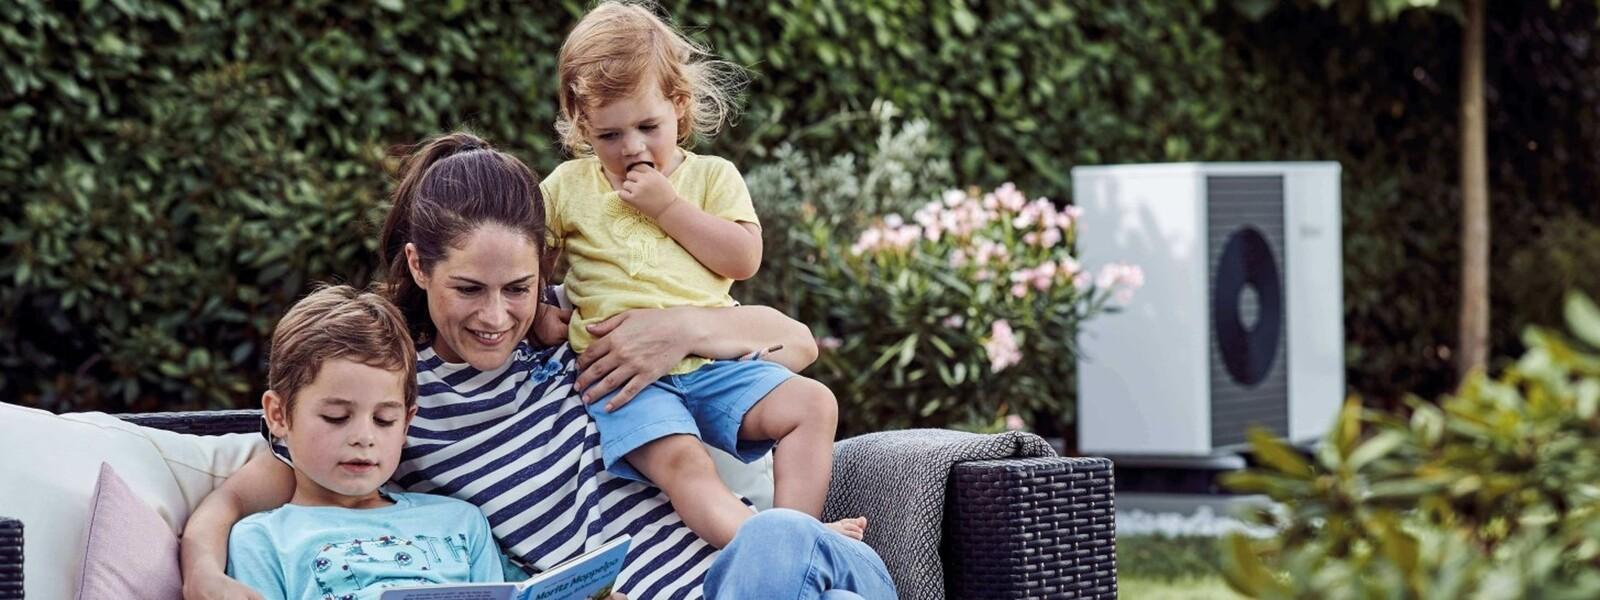 Familie sitzt im Garten, dahinter eine Vaillant Wärmepumpe